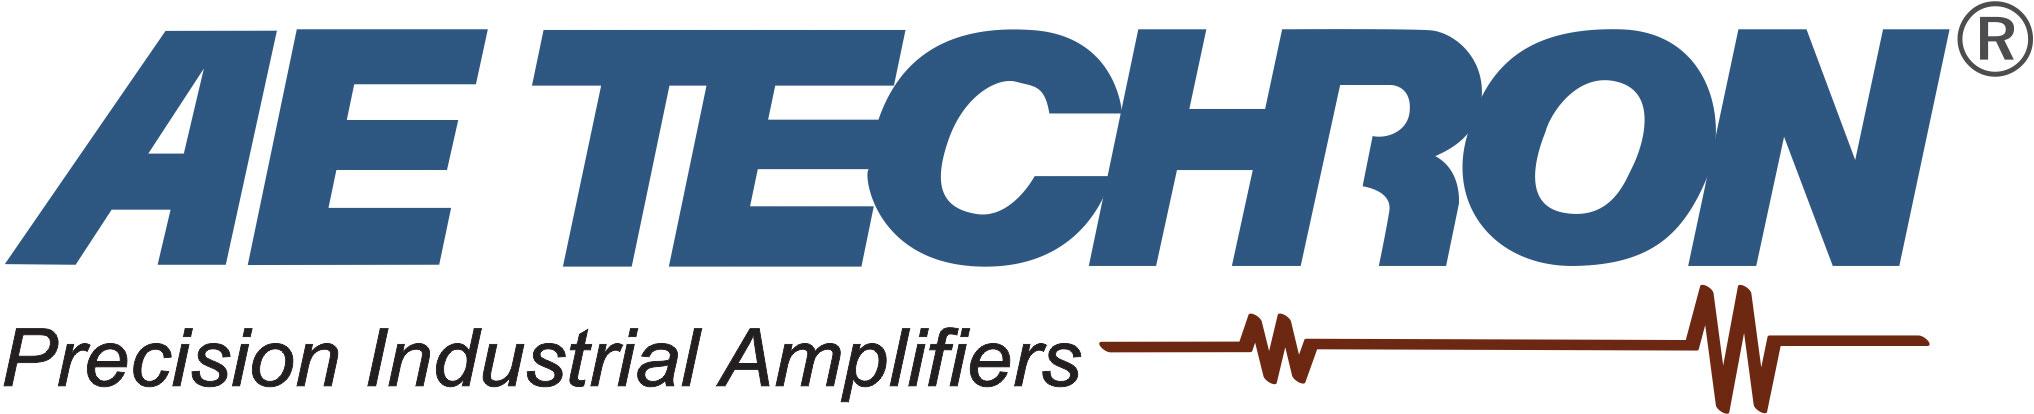 Resultado de imagen para AEtechtron logo